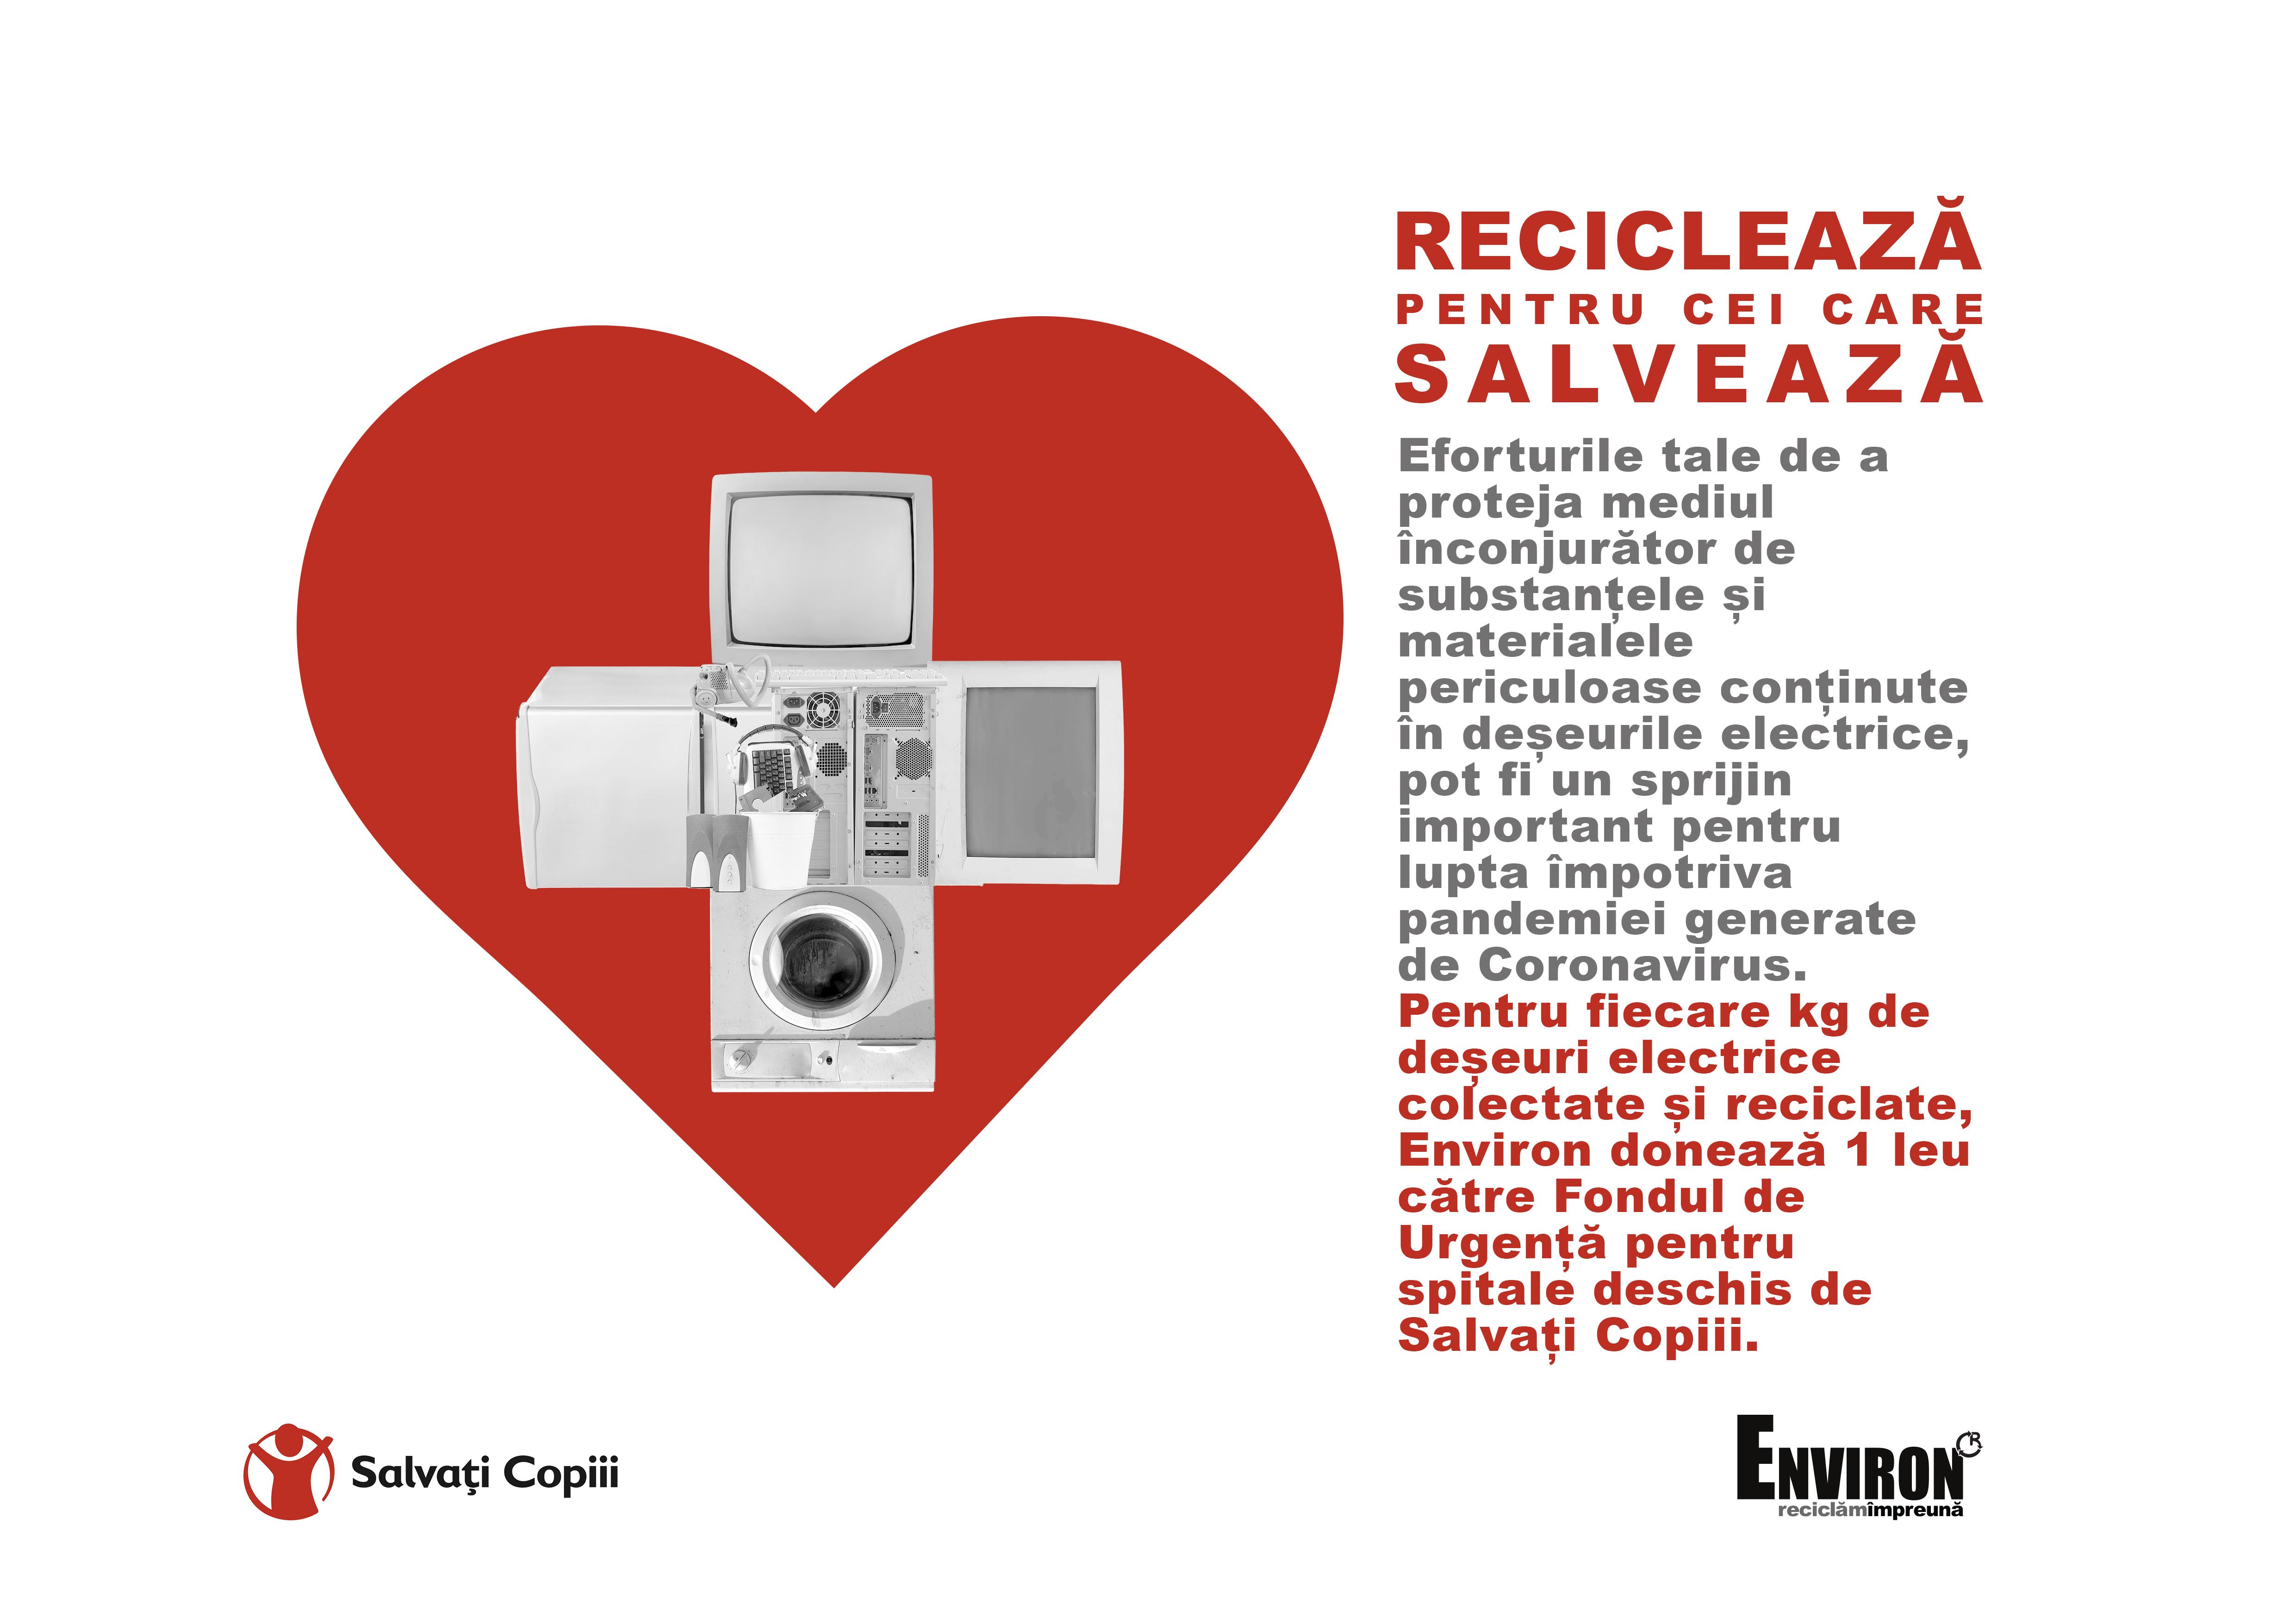 Reciclează pentru cei care salvează